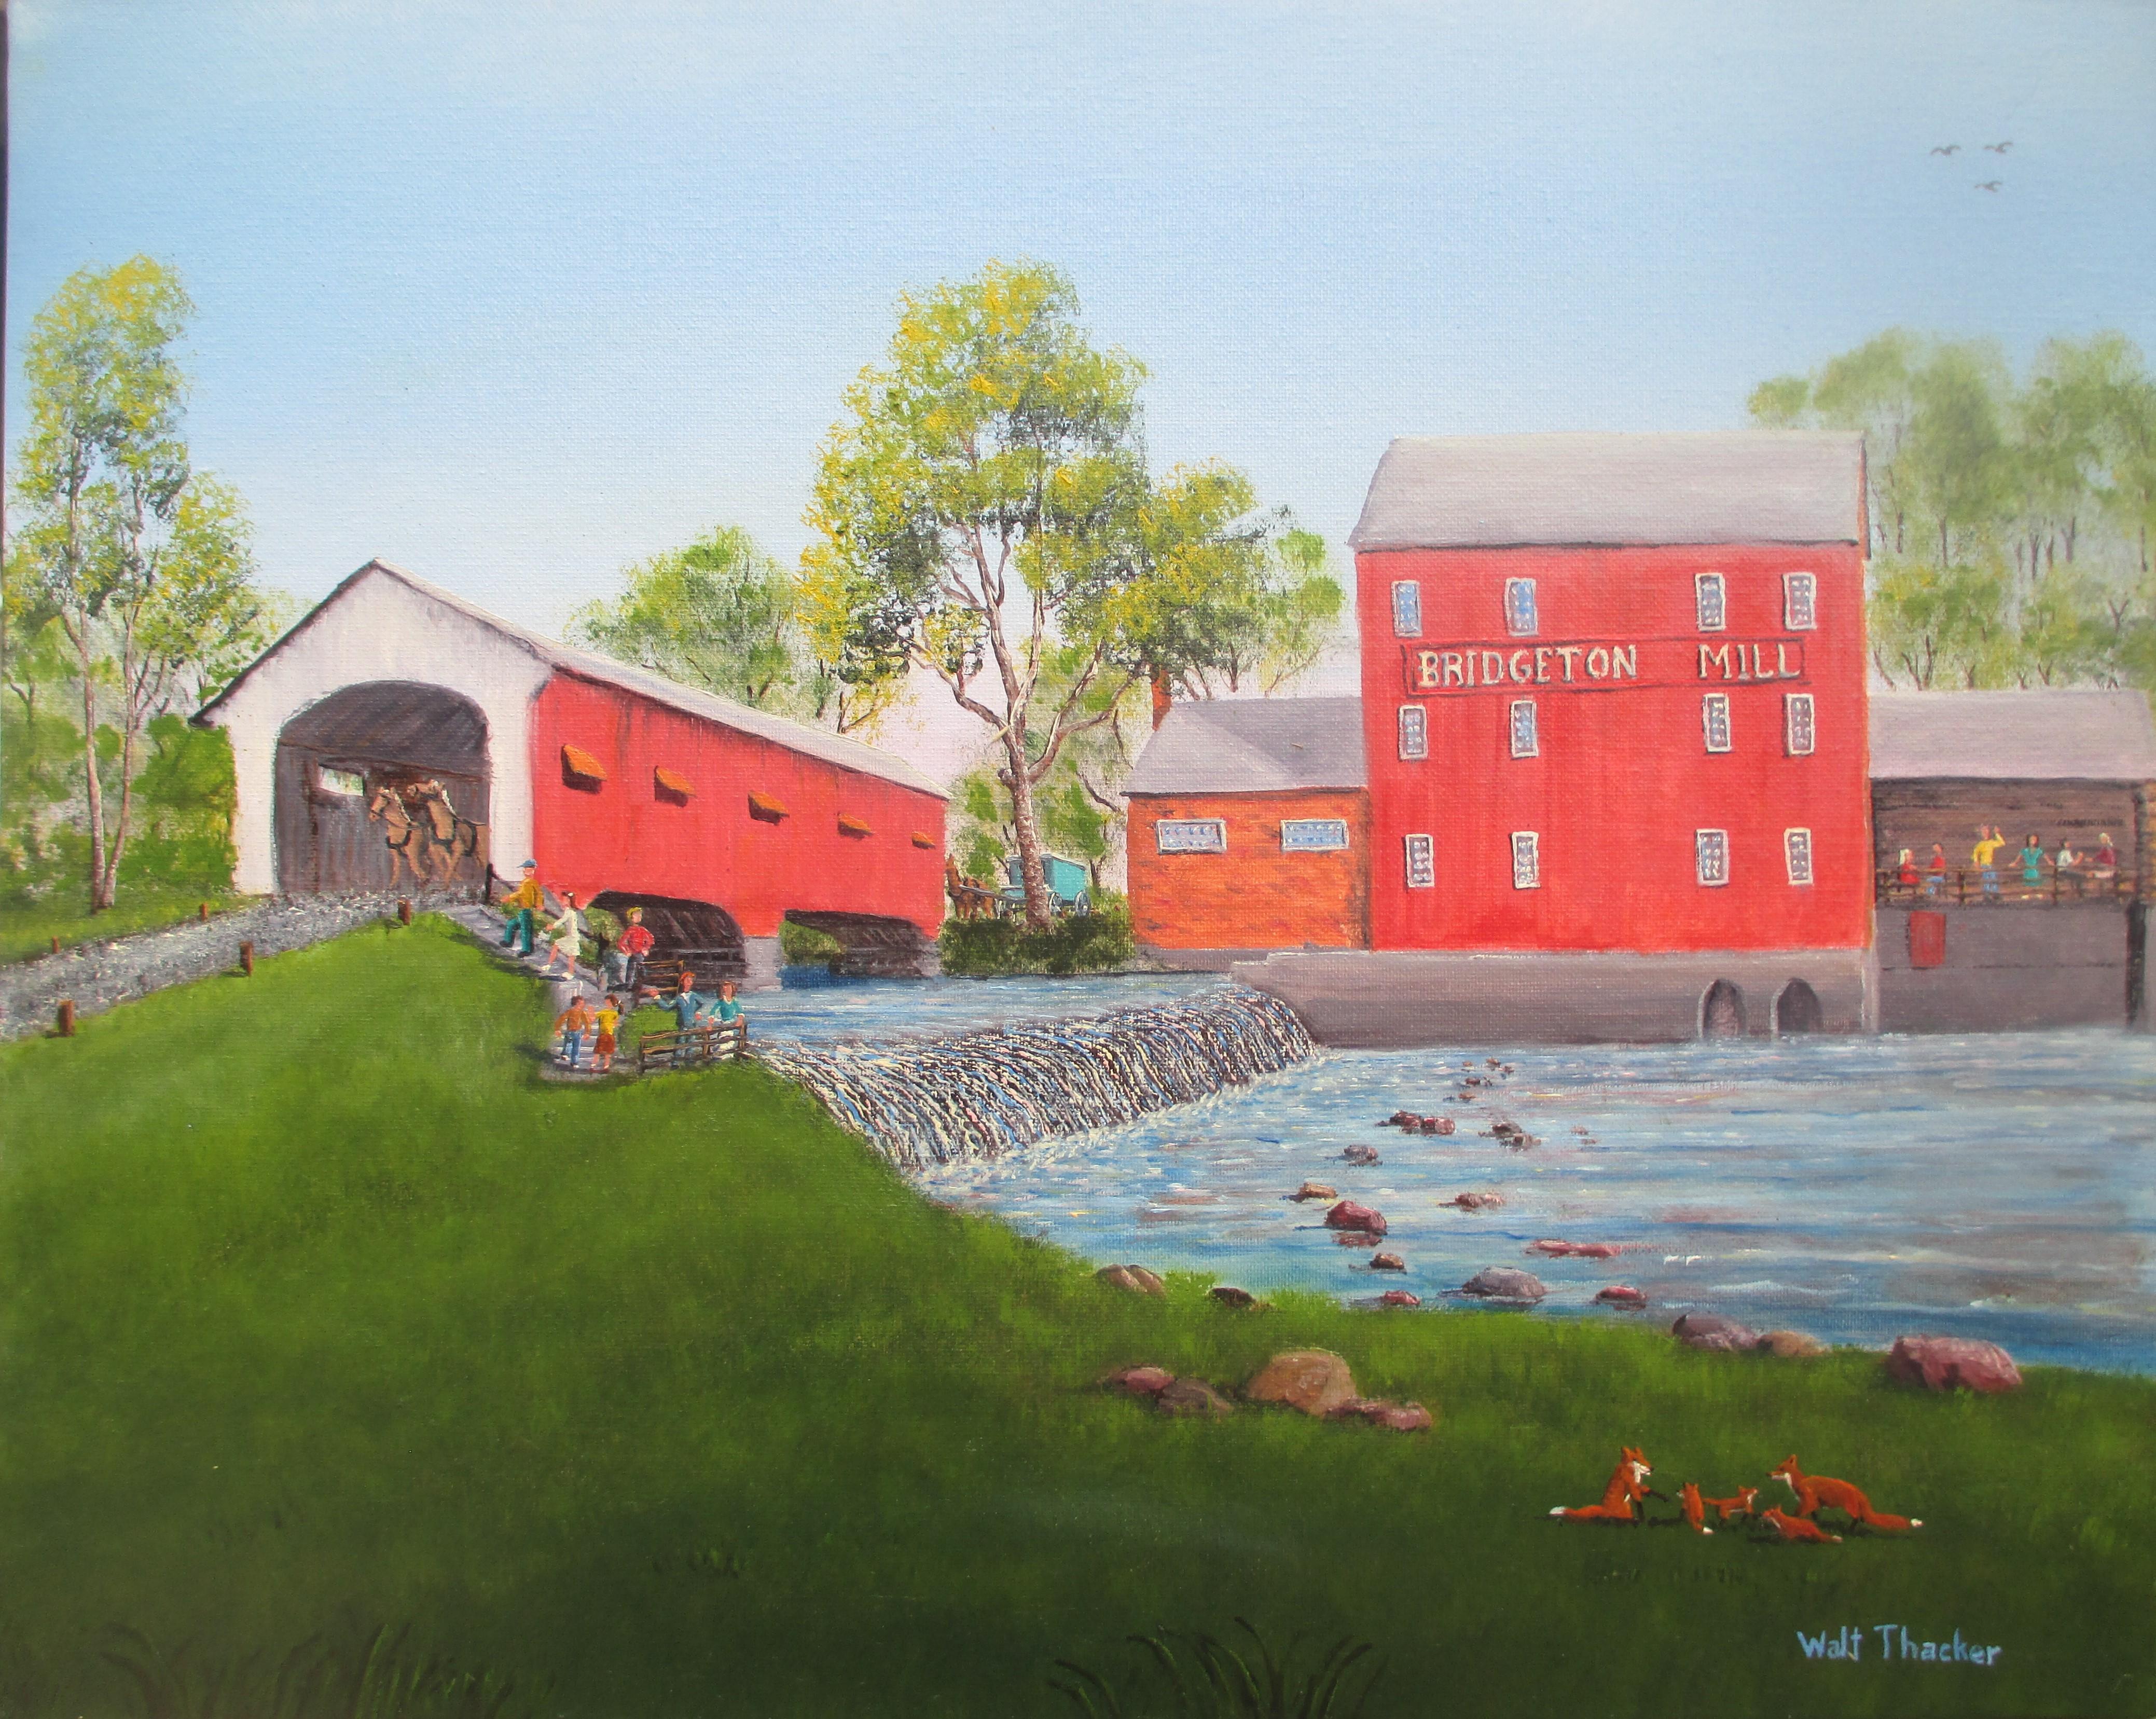 ID 8 - Bridgeton Mill